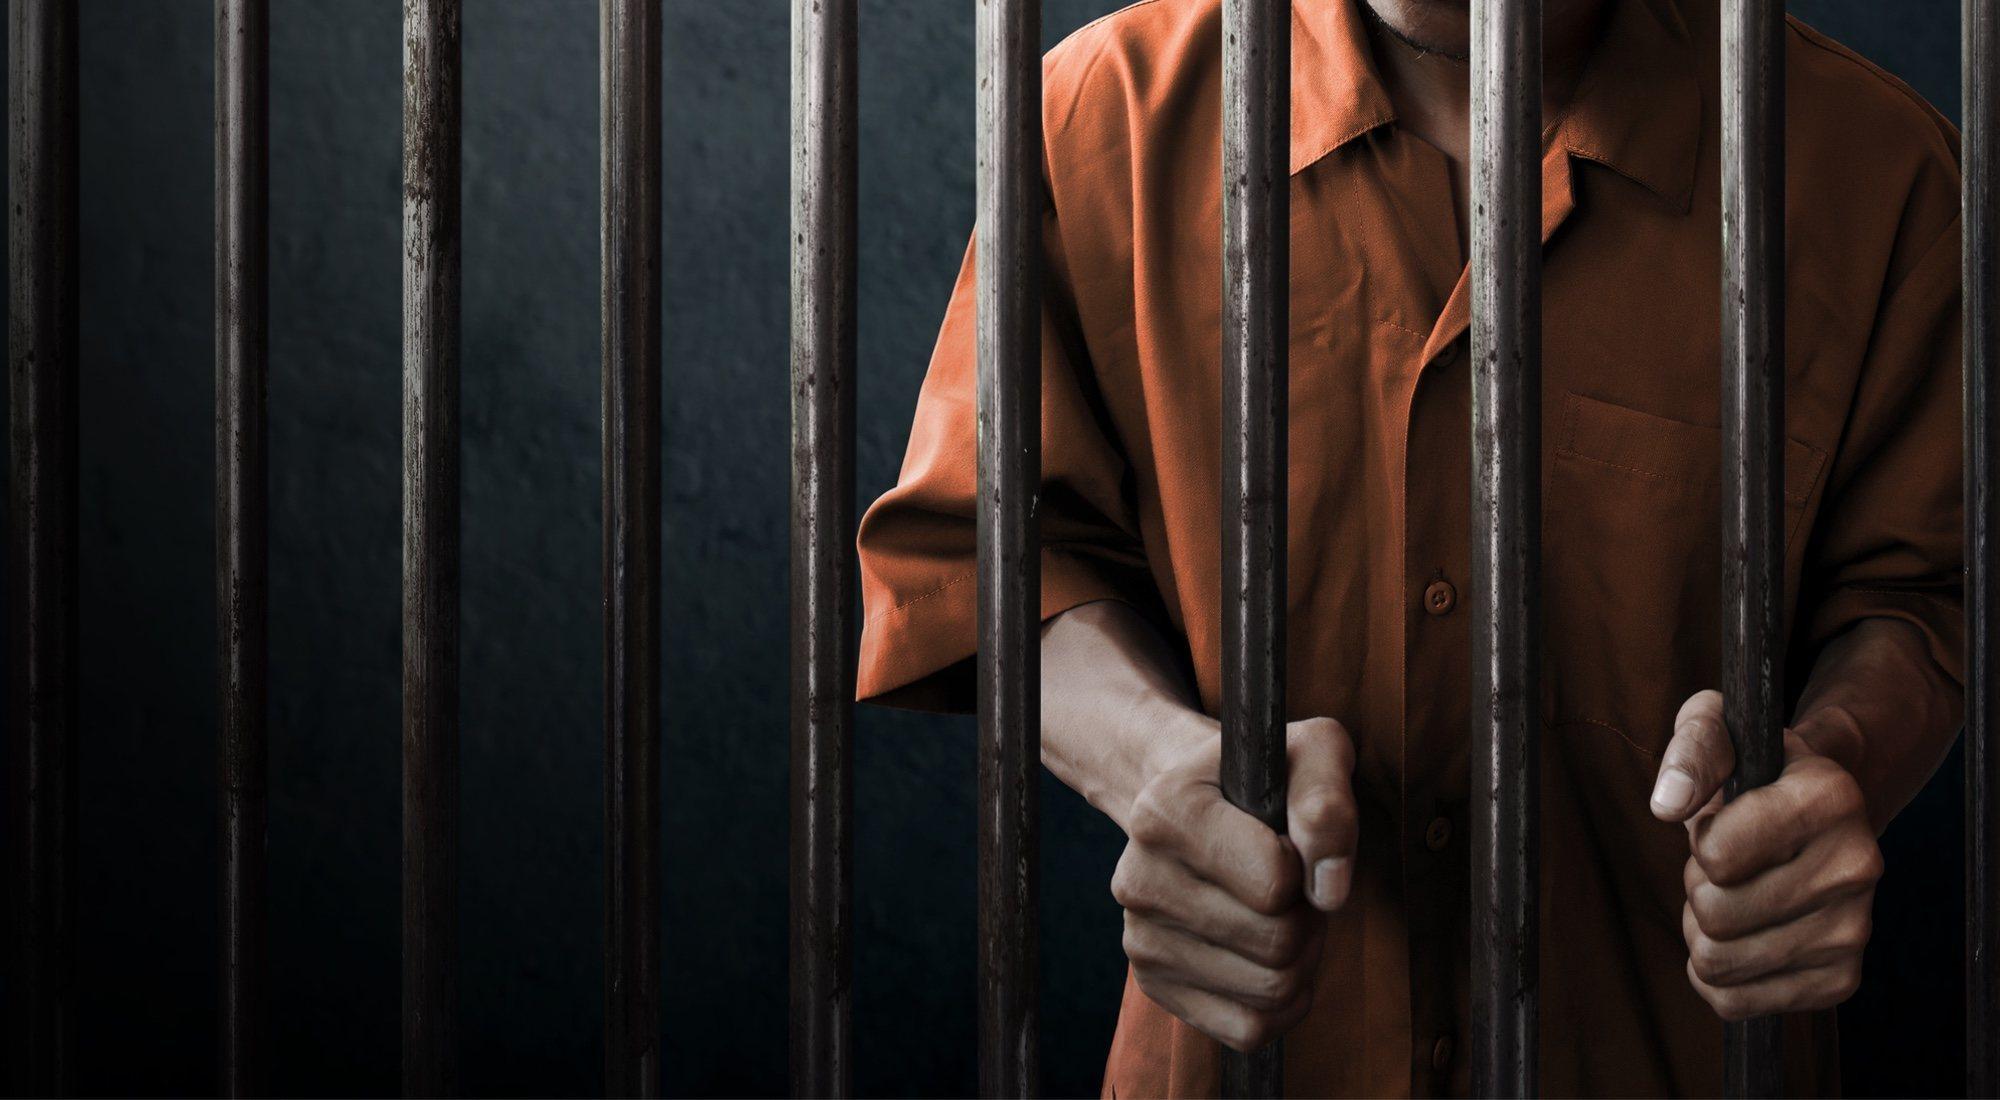 El 45% de los estadounidenses han tenido a un familiar en la cárcel